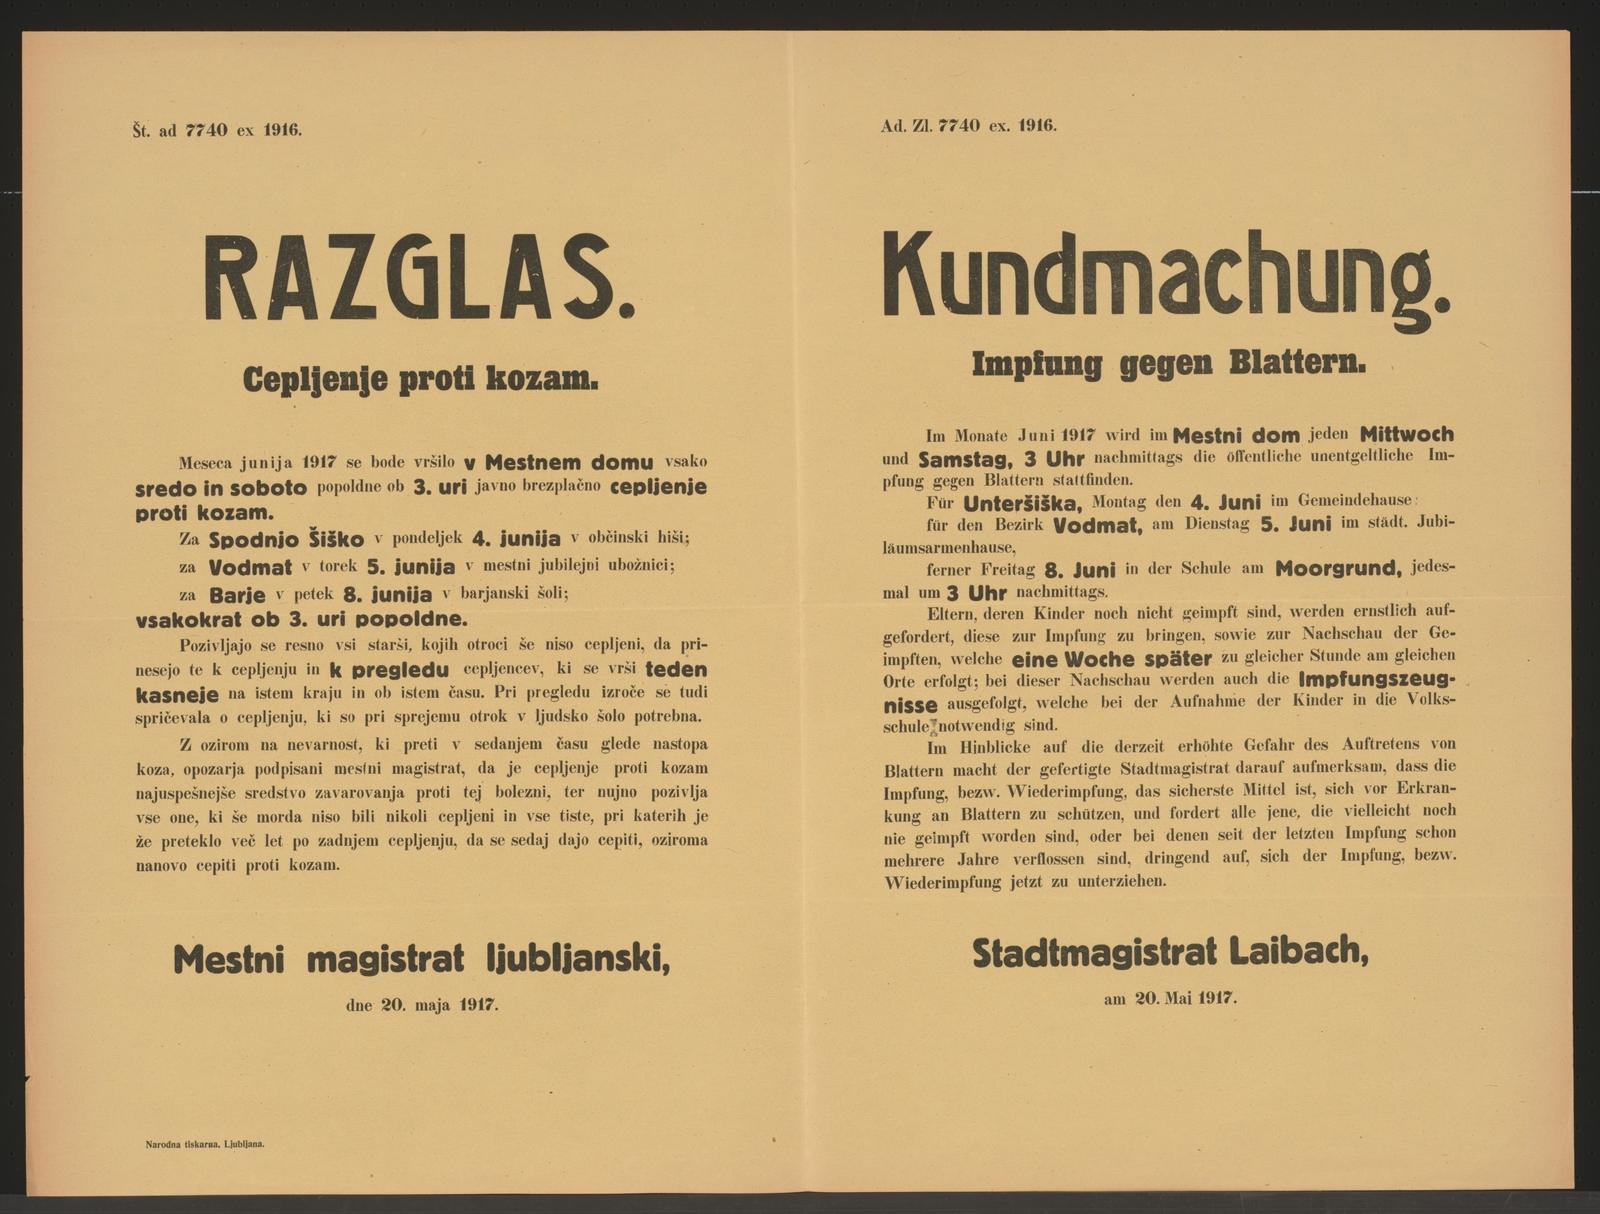 Impfung Gegen Blattern Kundmachung Laibach Mehrsprachiges